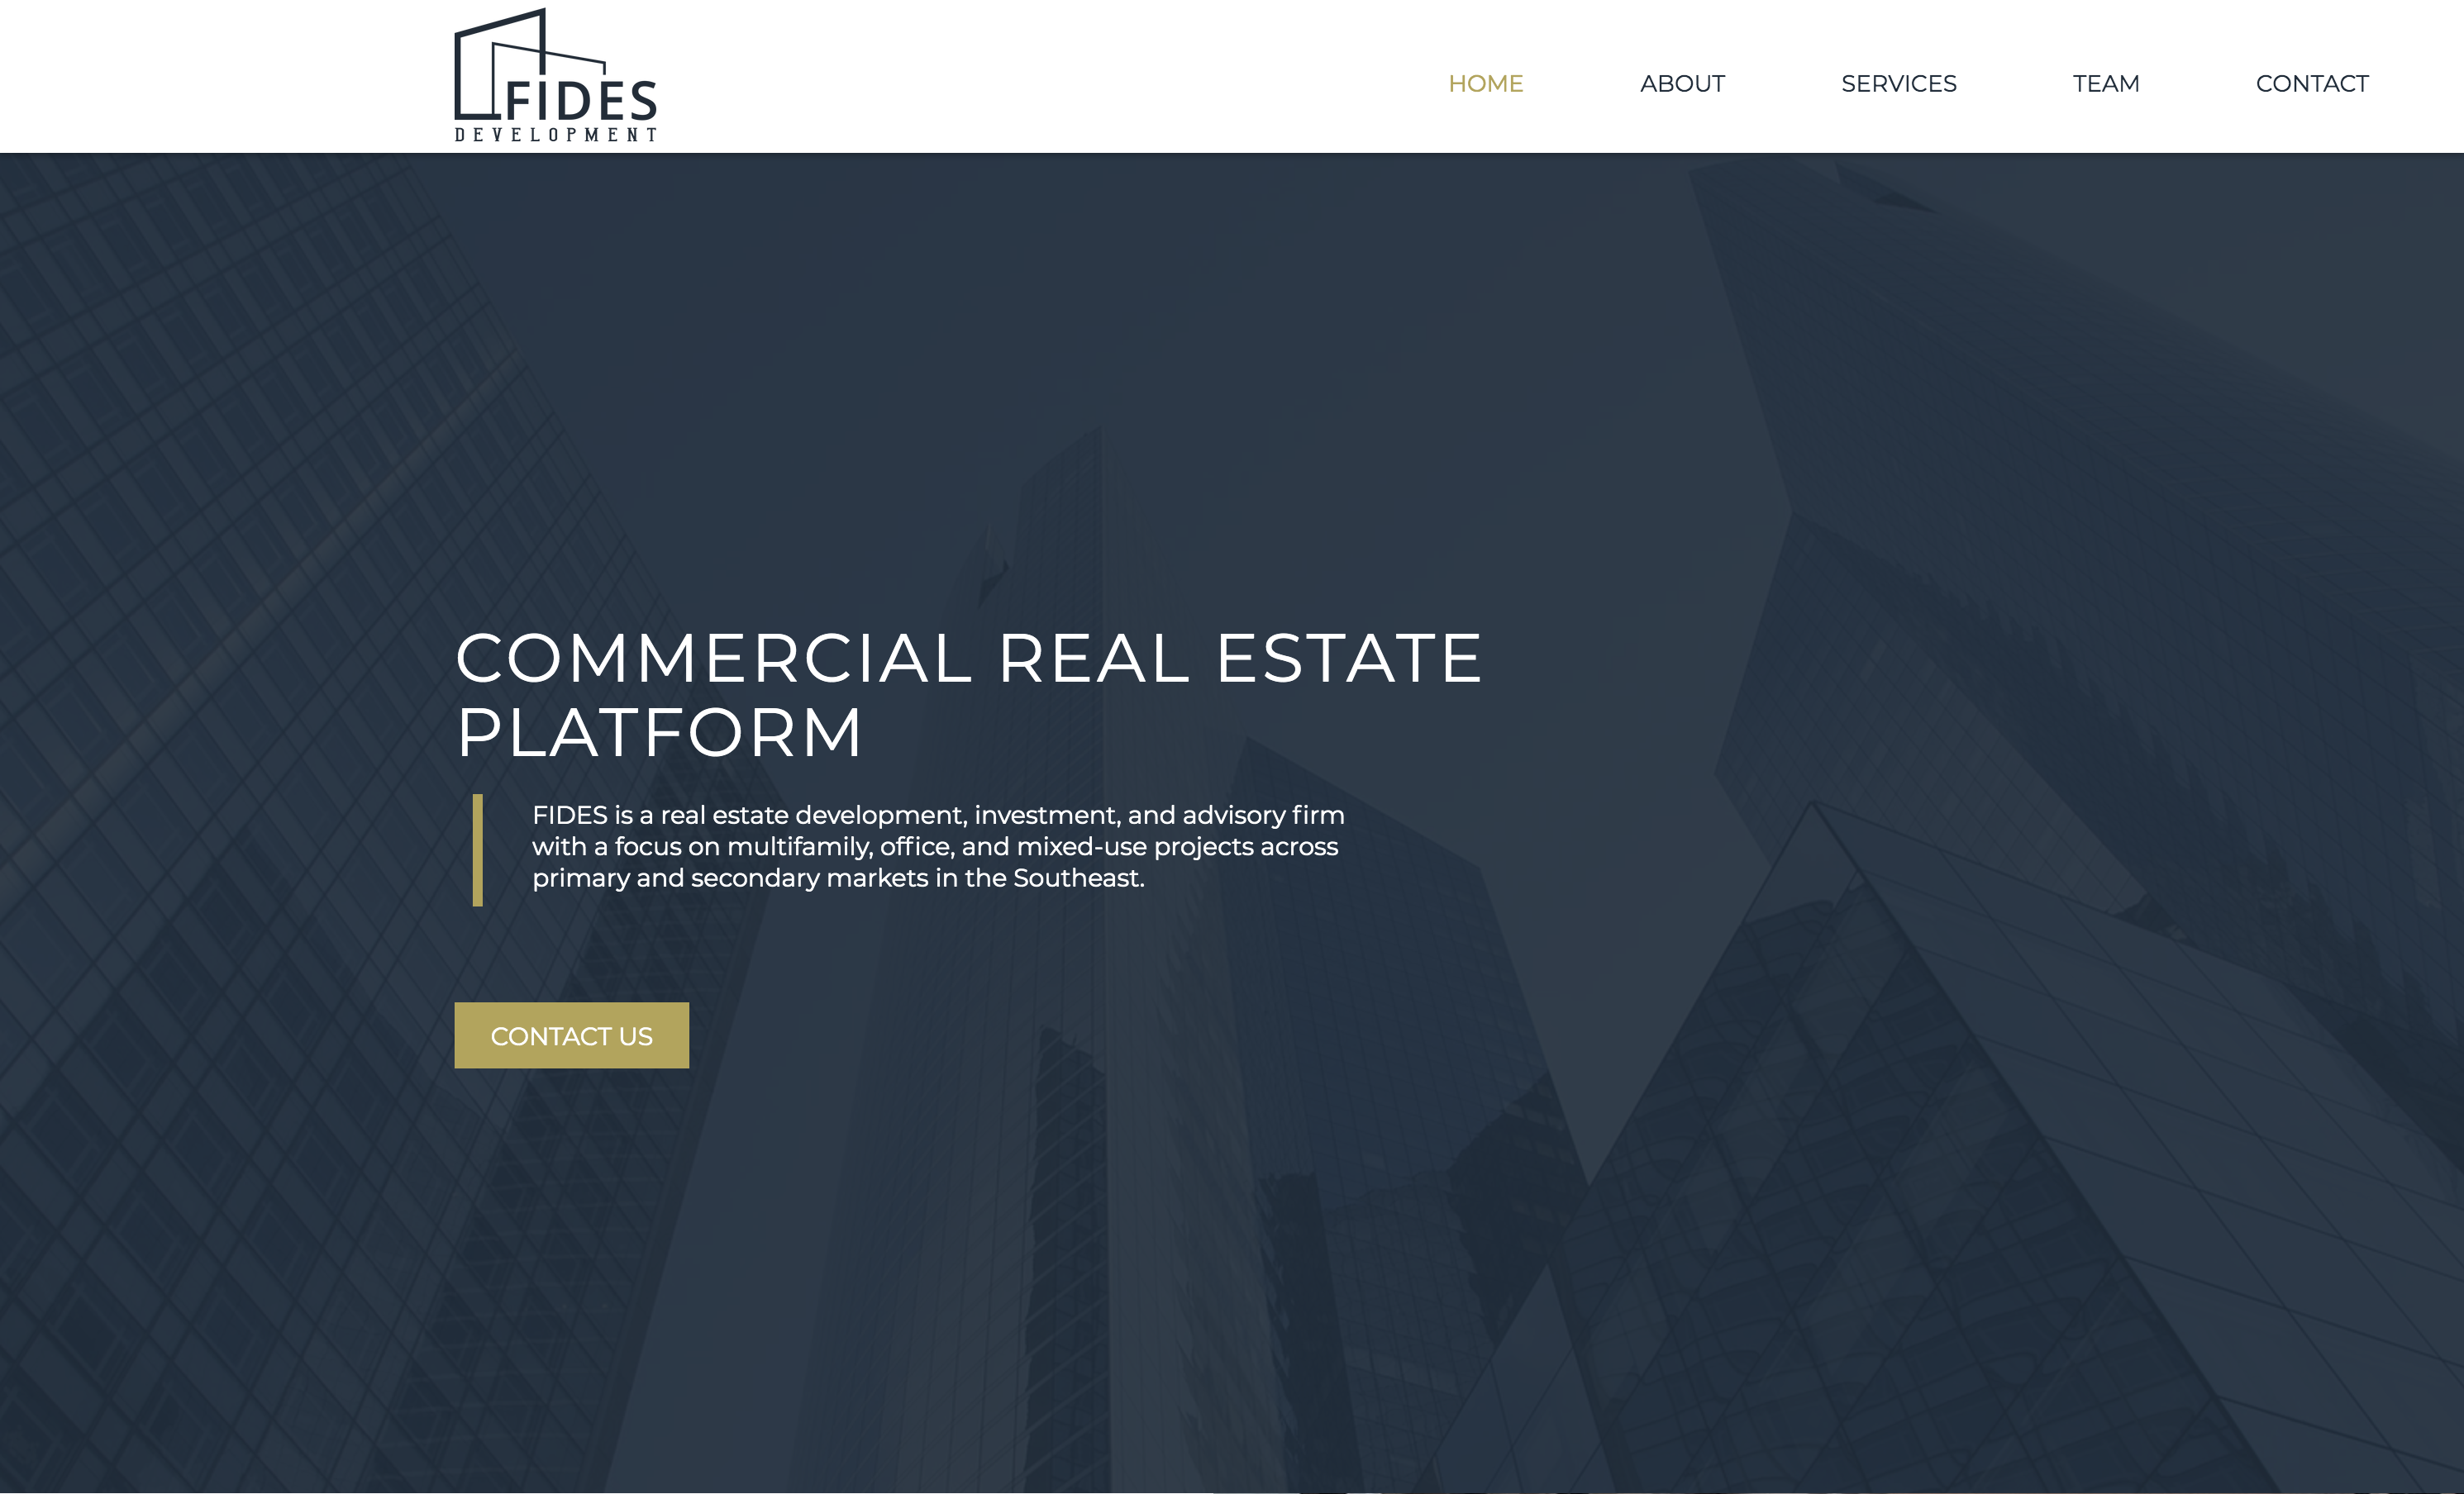 FIDES Development